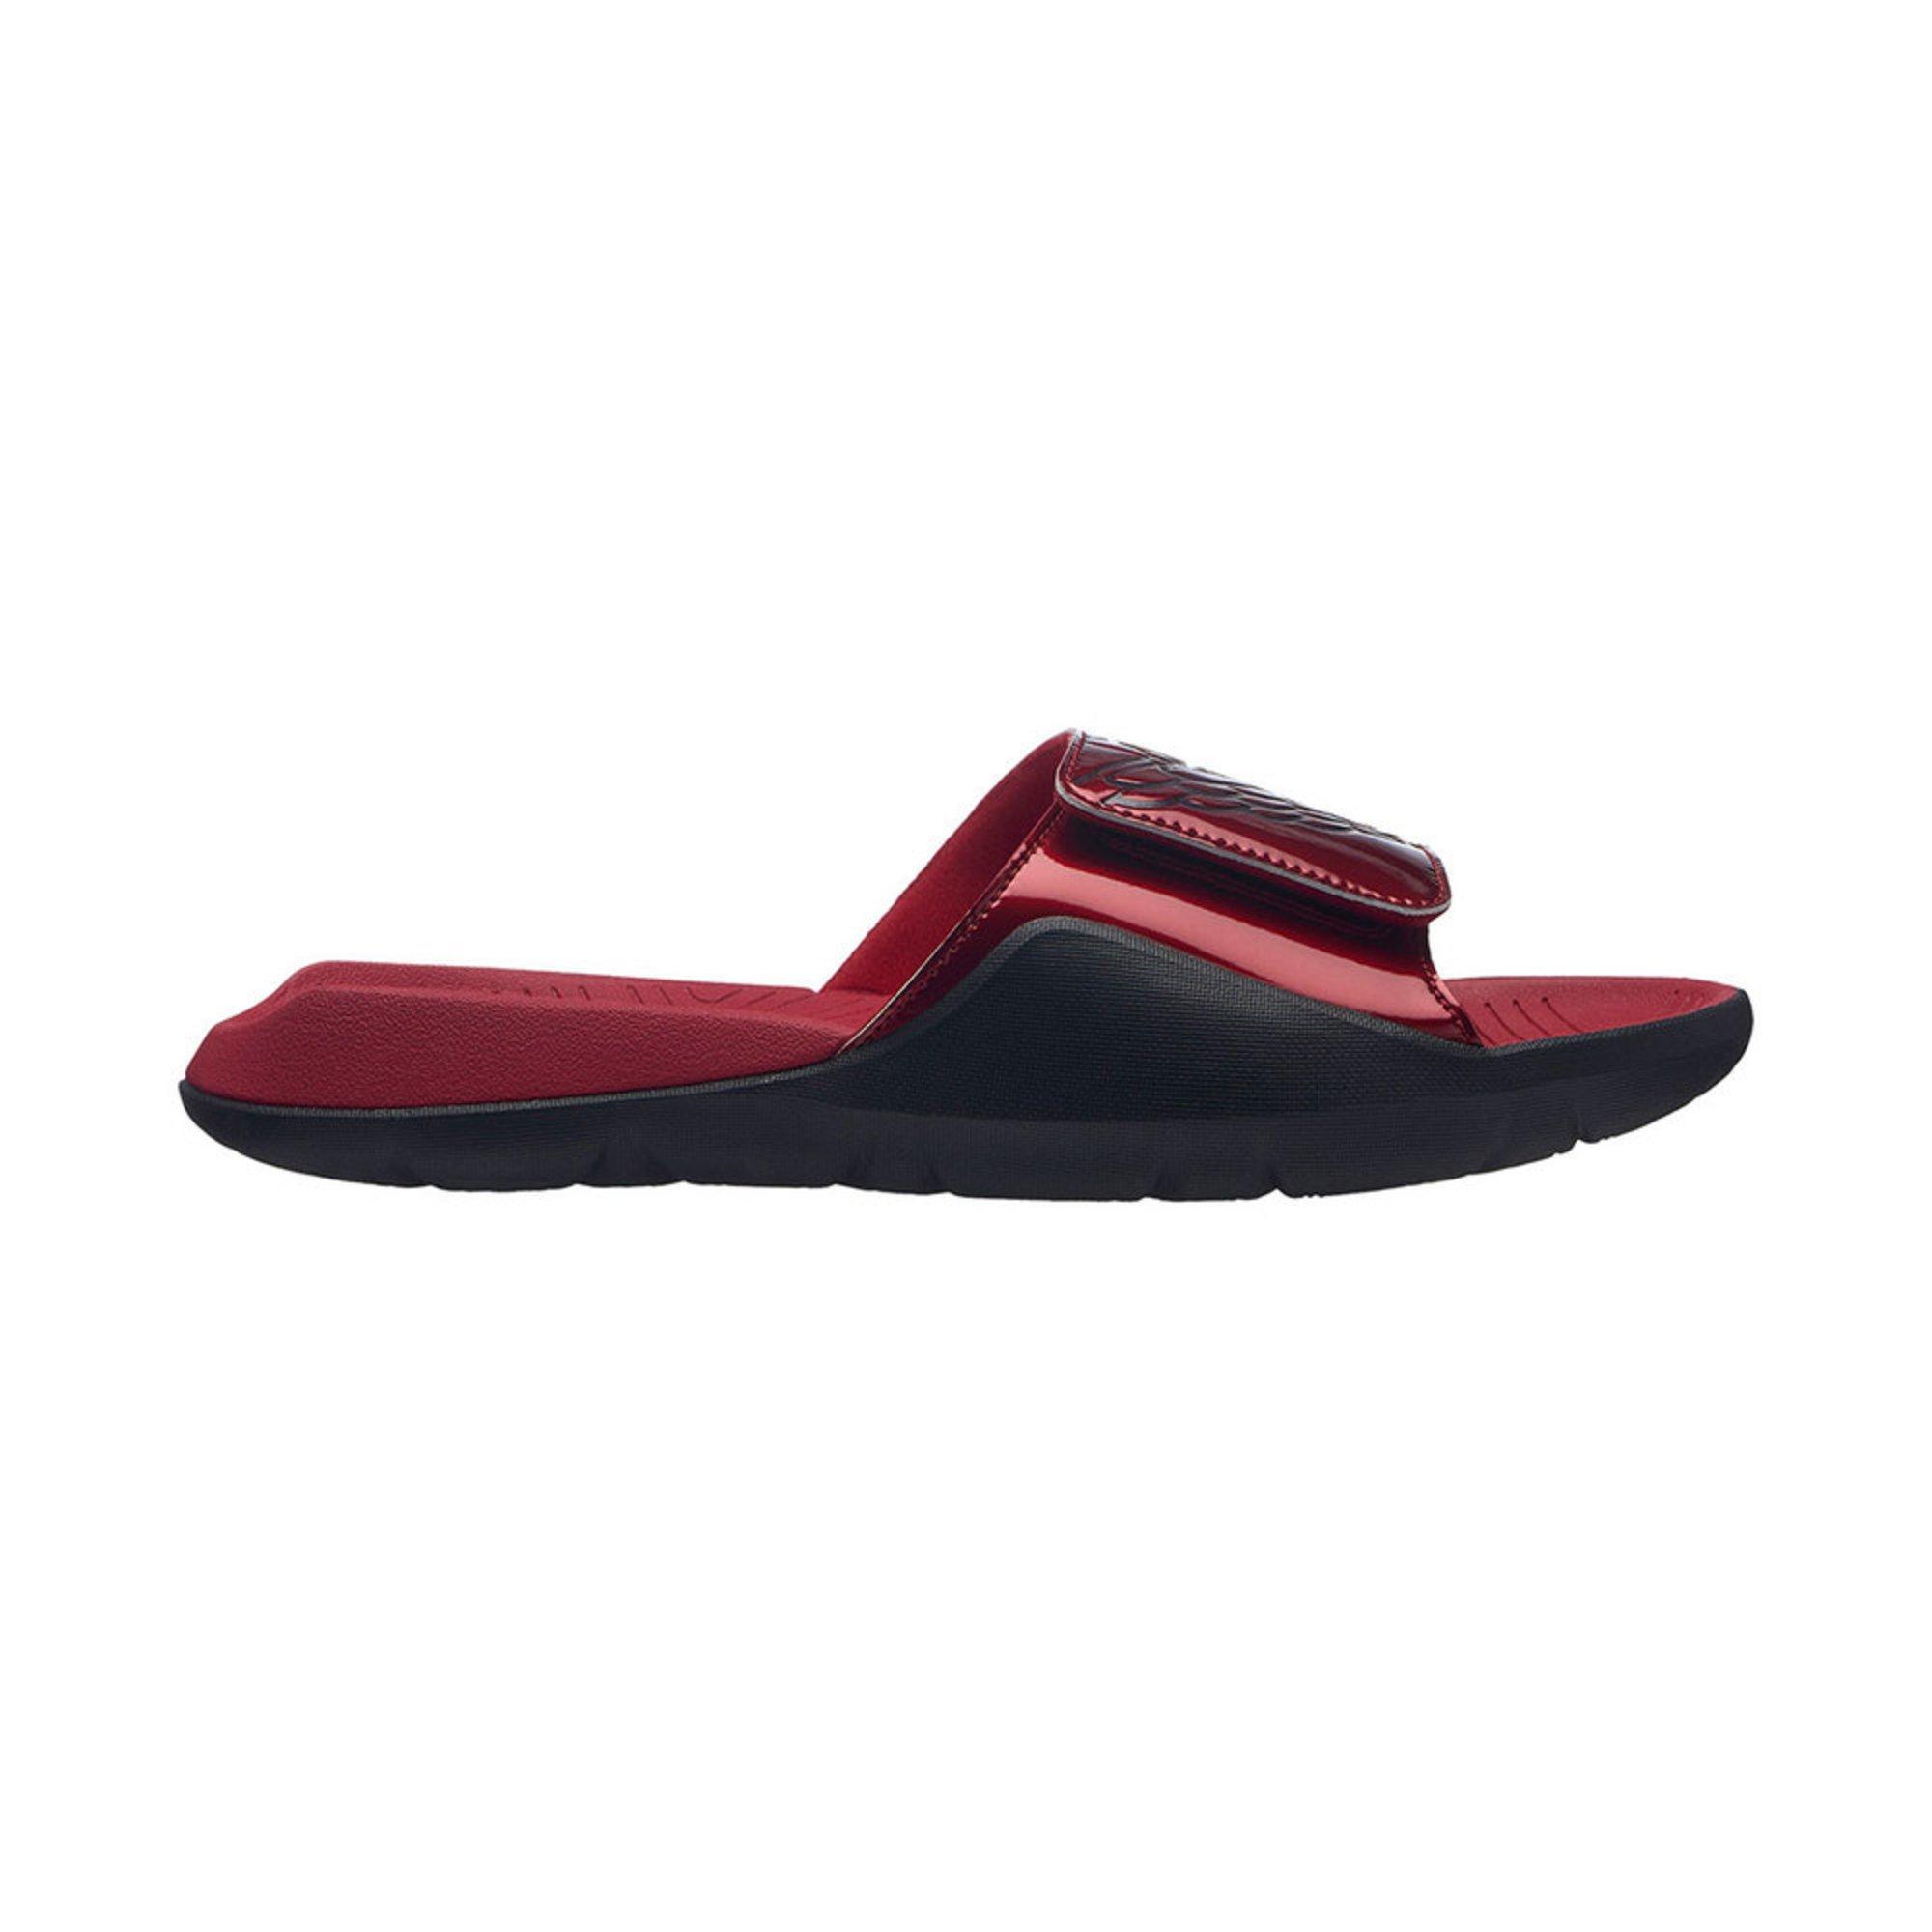 uk availability 472fb 32d4e Jordan Hydro 7 Sandal Men's Slide/sandal | Men's Sandals ...